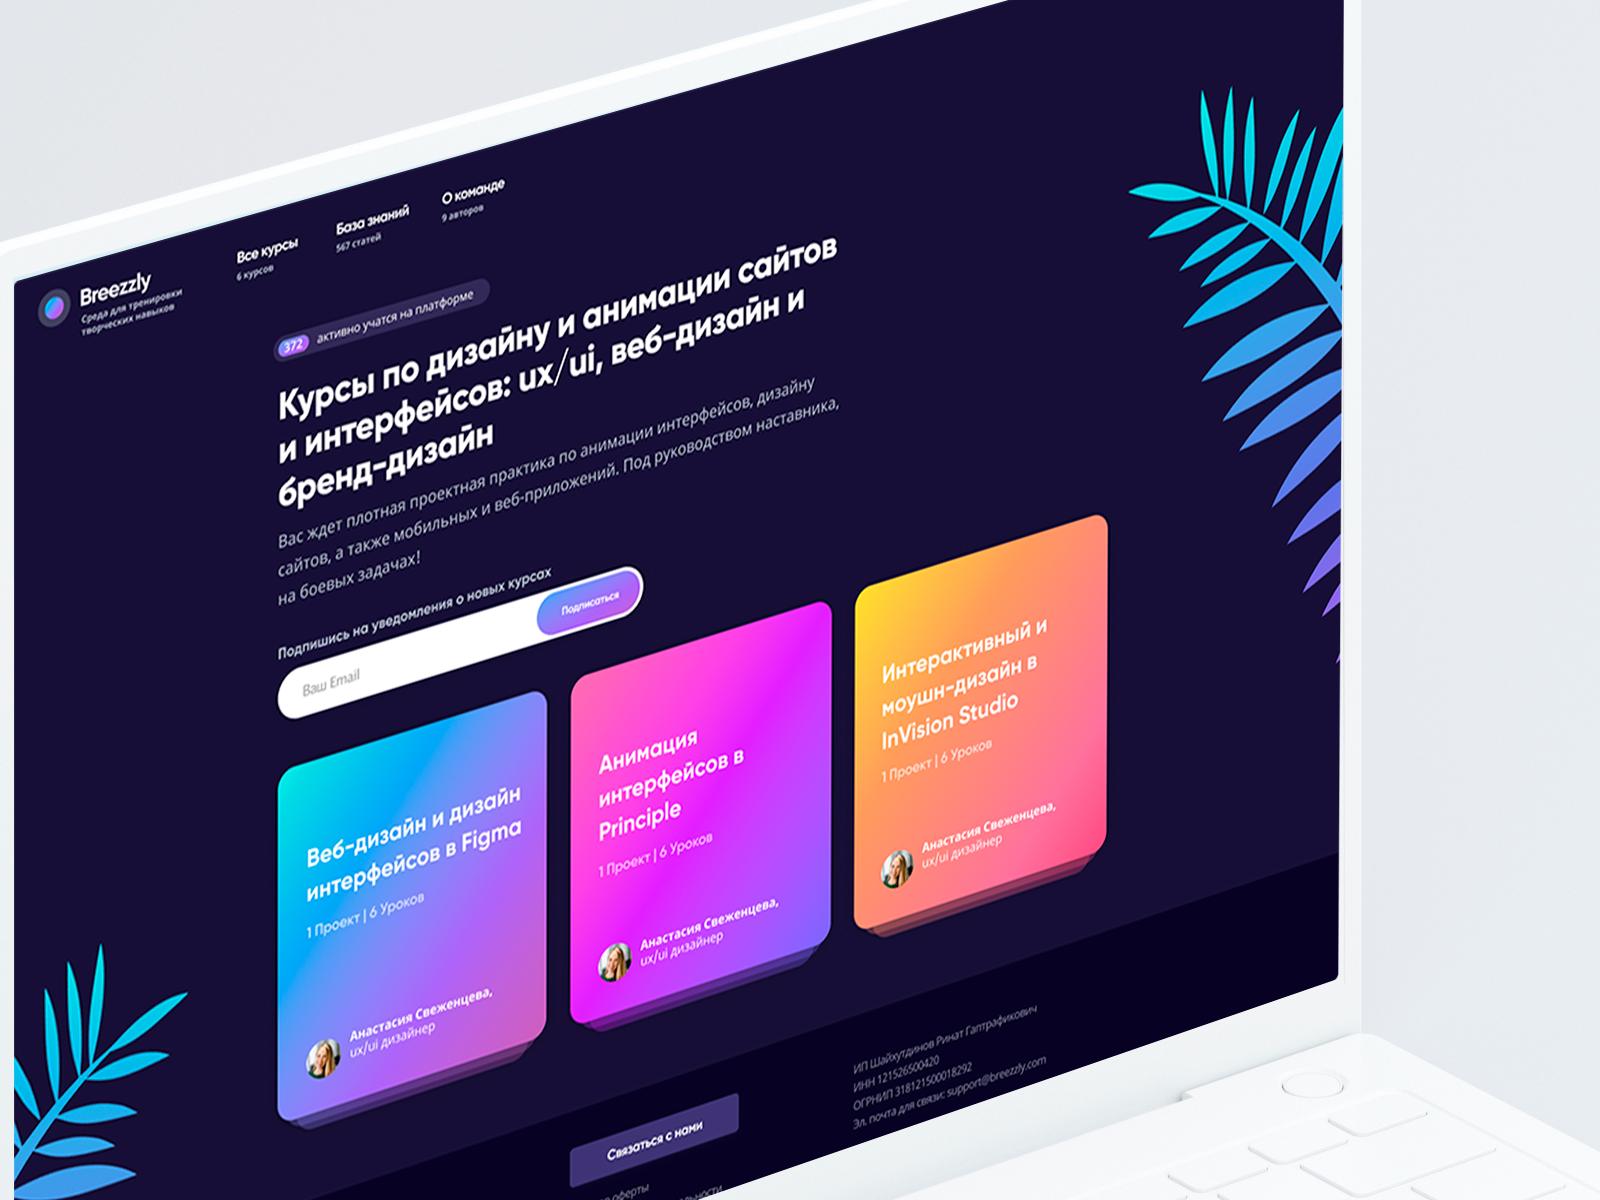 Онлайн-курсы от Breezzly с практикой в дизайне сайтов и интерфейсов — освойте новые актуальные форматы, в которых нужен бренд-дизайн